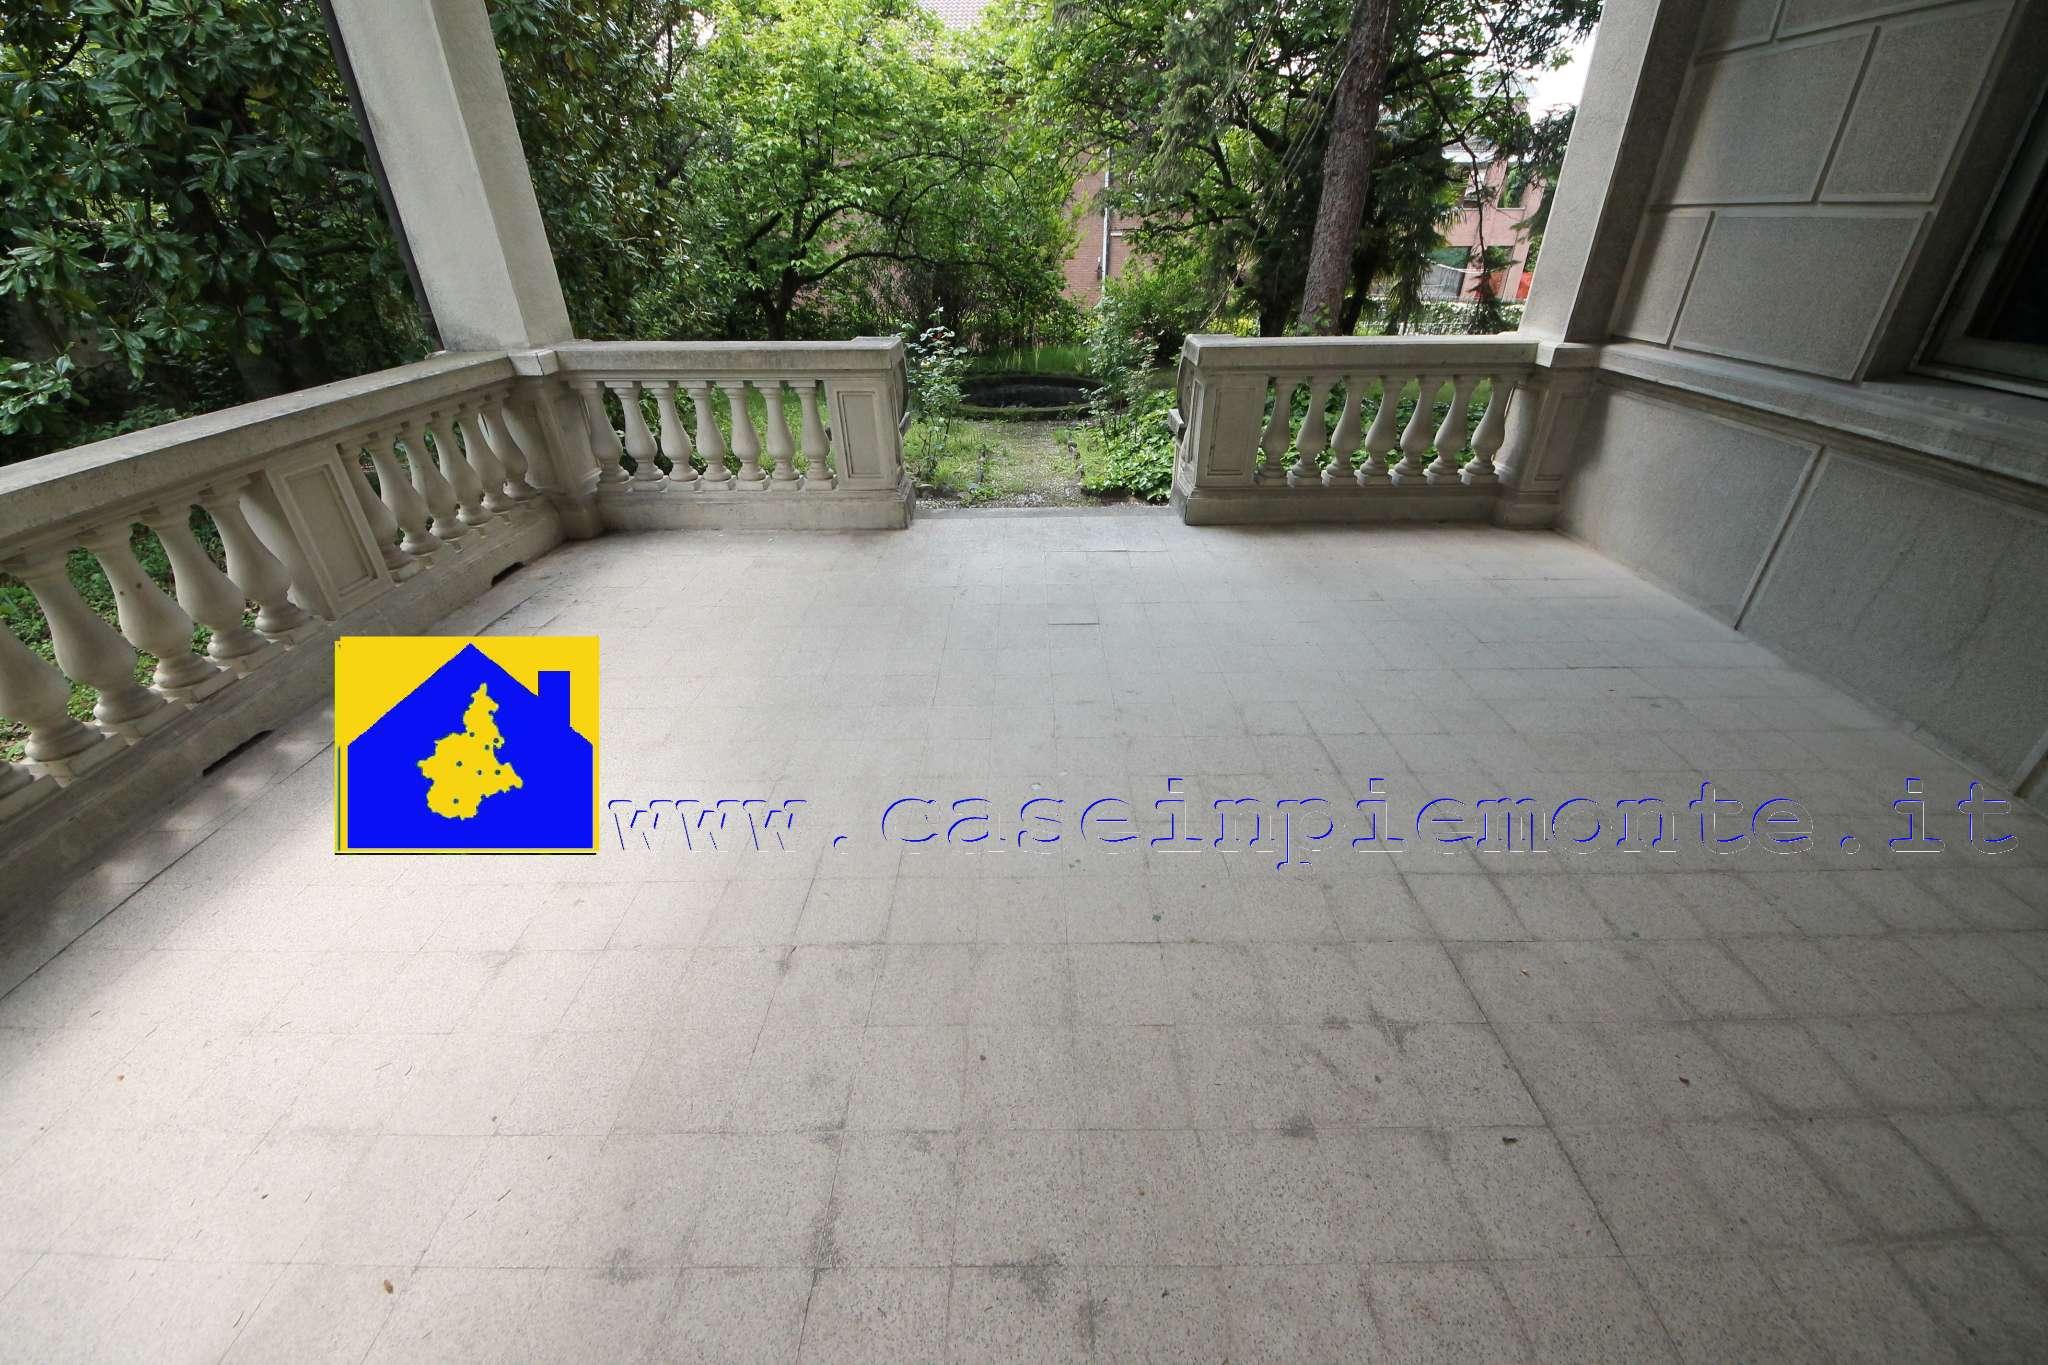 Appartamento in vendita a Rivoli, 10 locali, prezzo € 450.000 | PortaleAgenzieImmobiliari.it